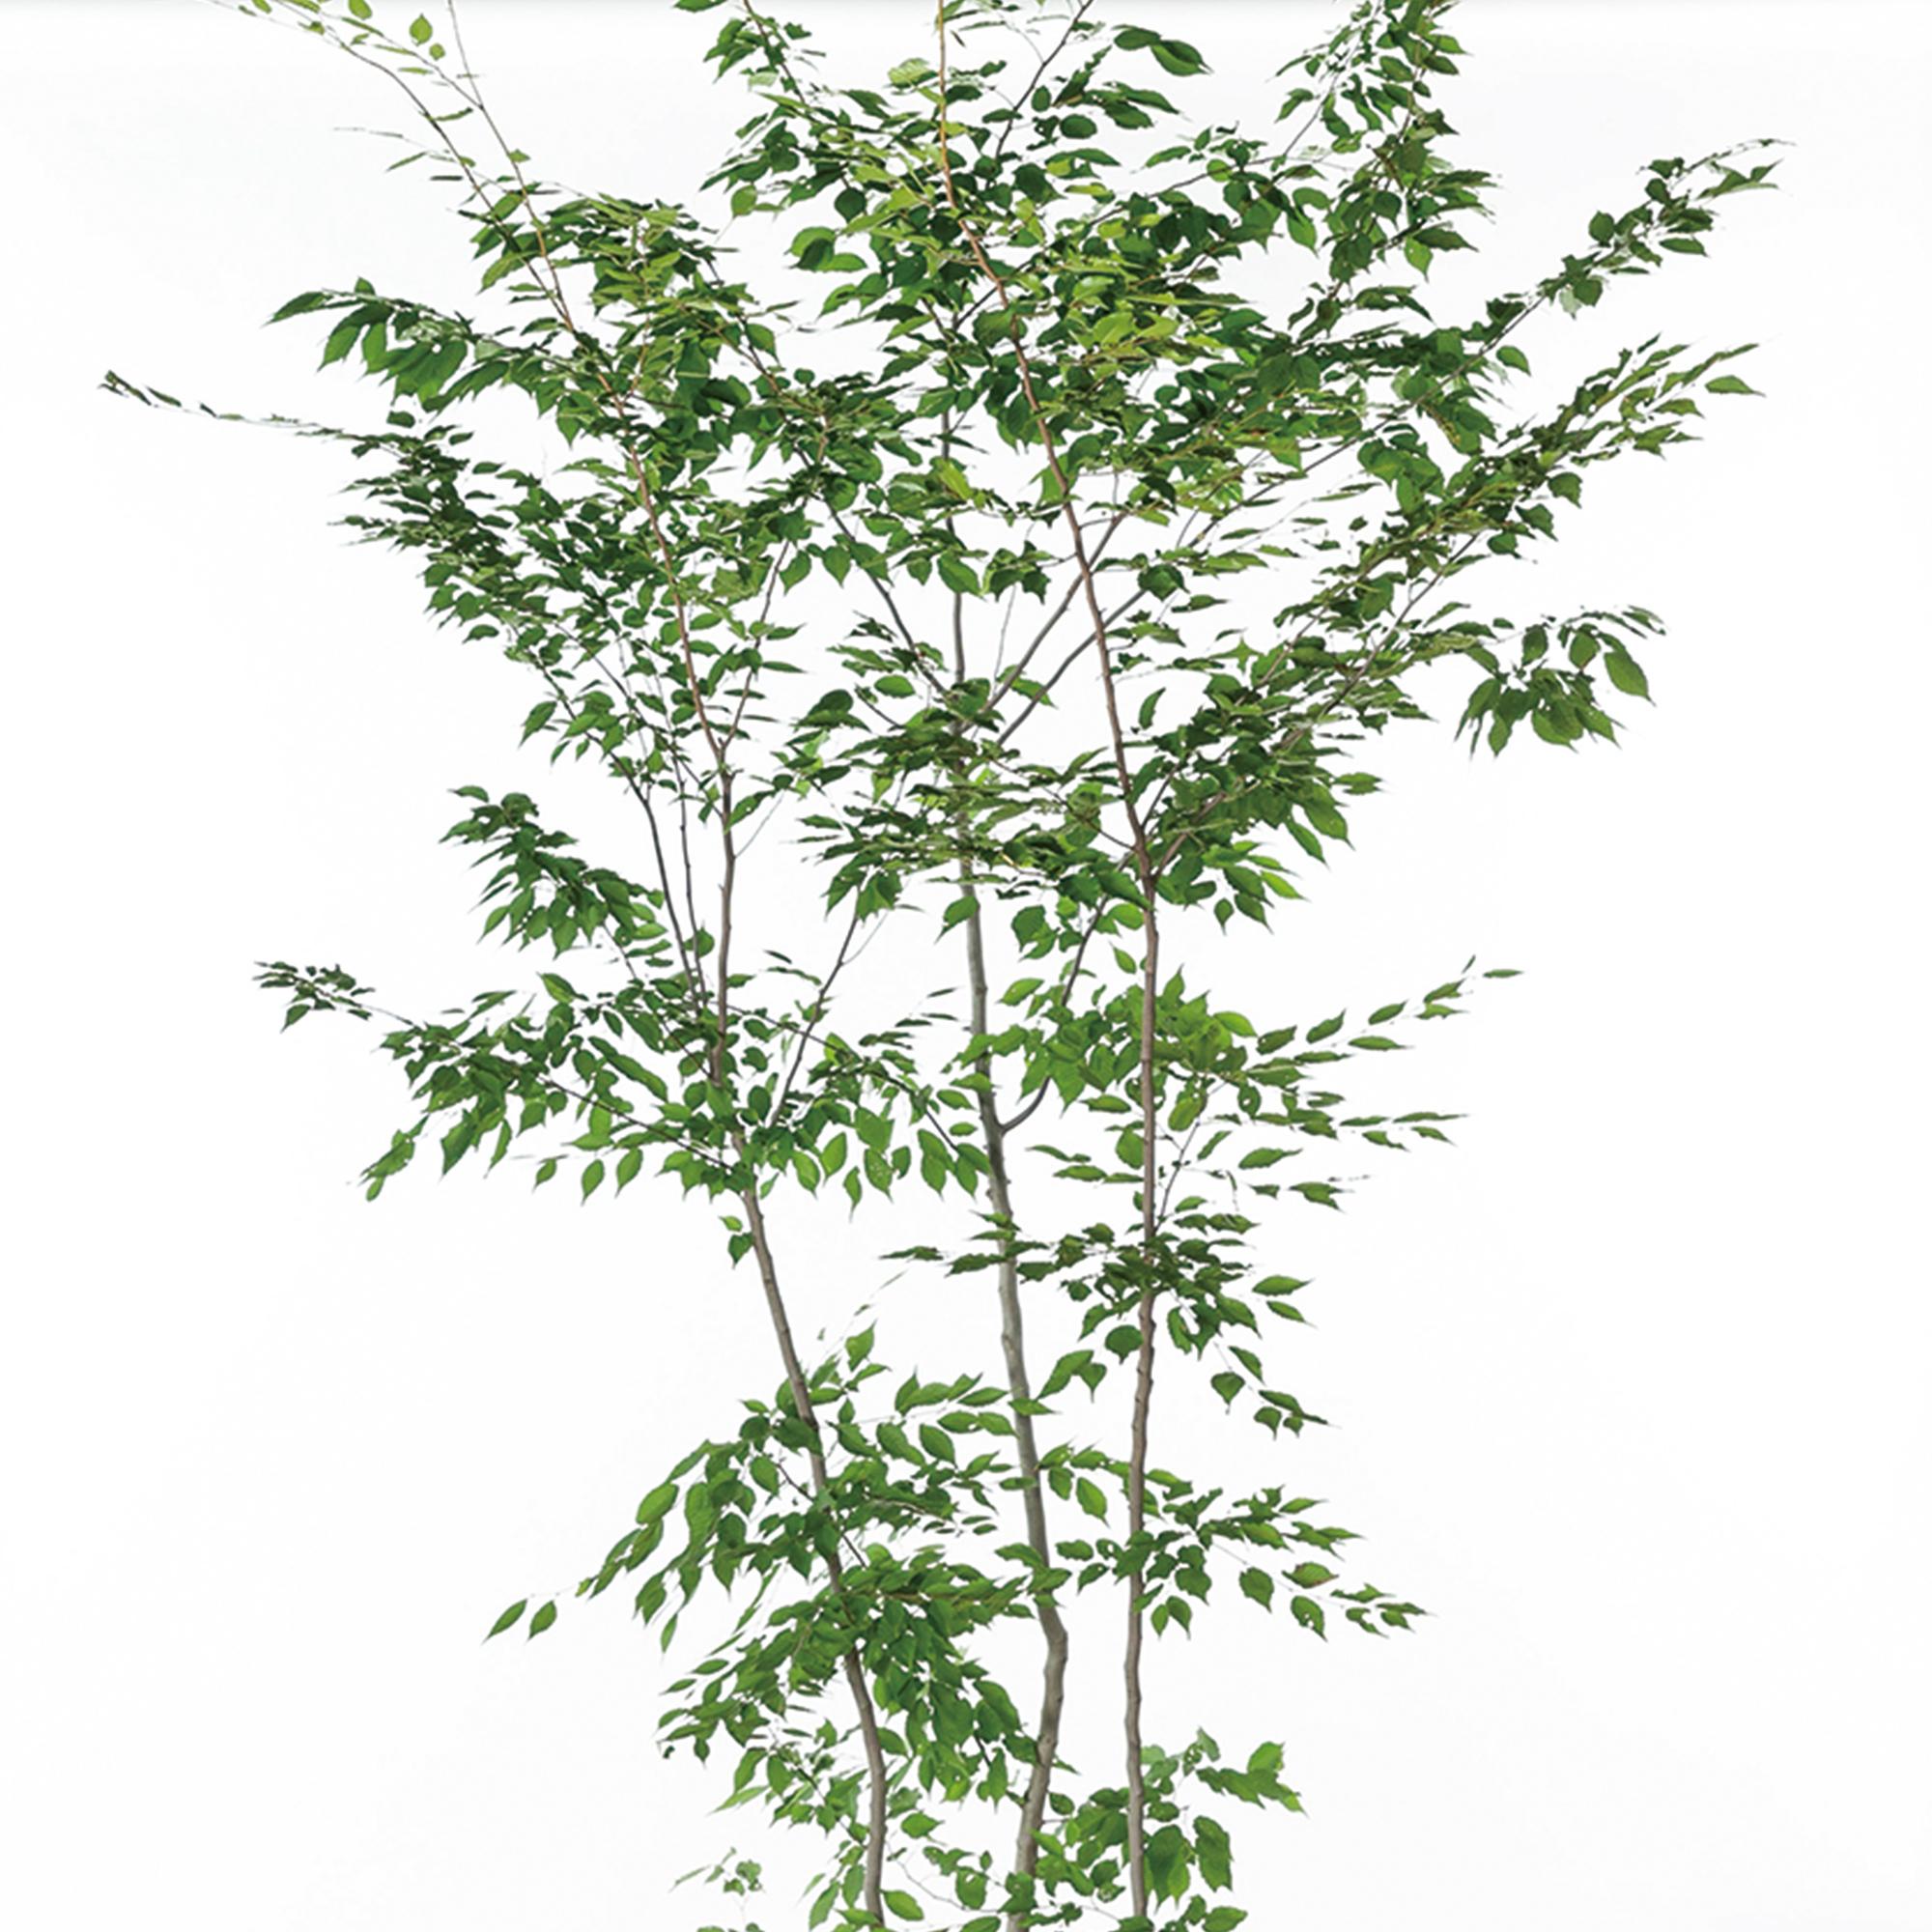 アカシデ(赤紙垂)植栽 お庭 ガーデン